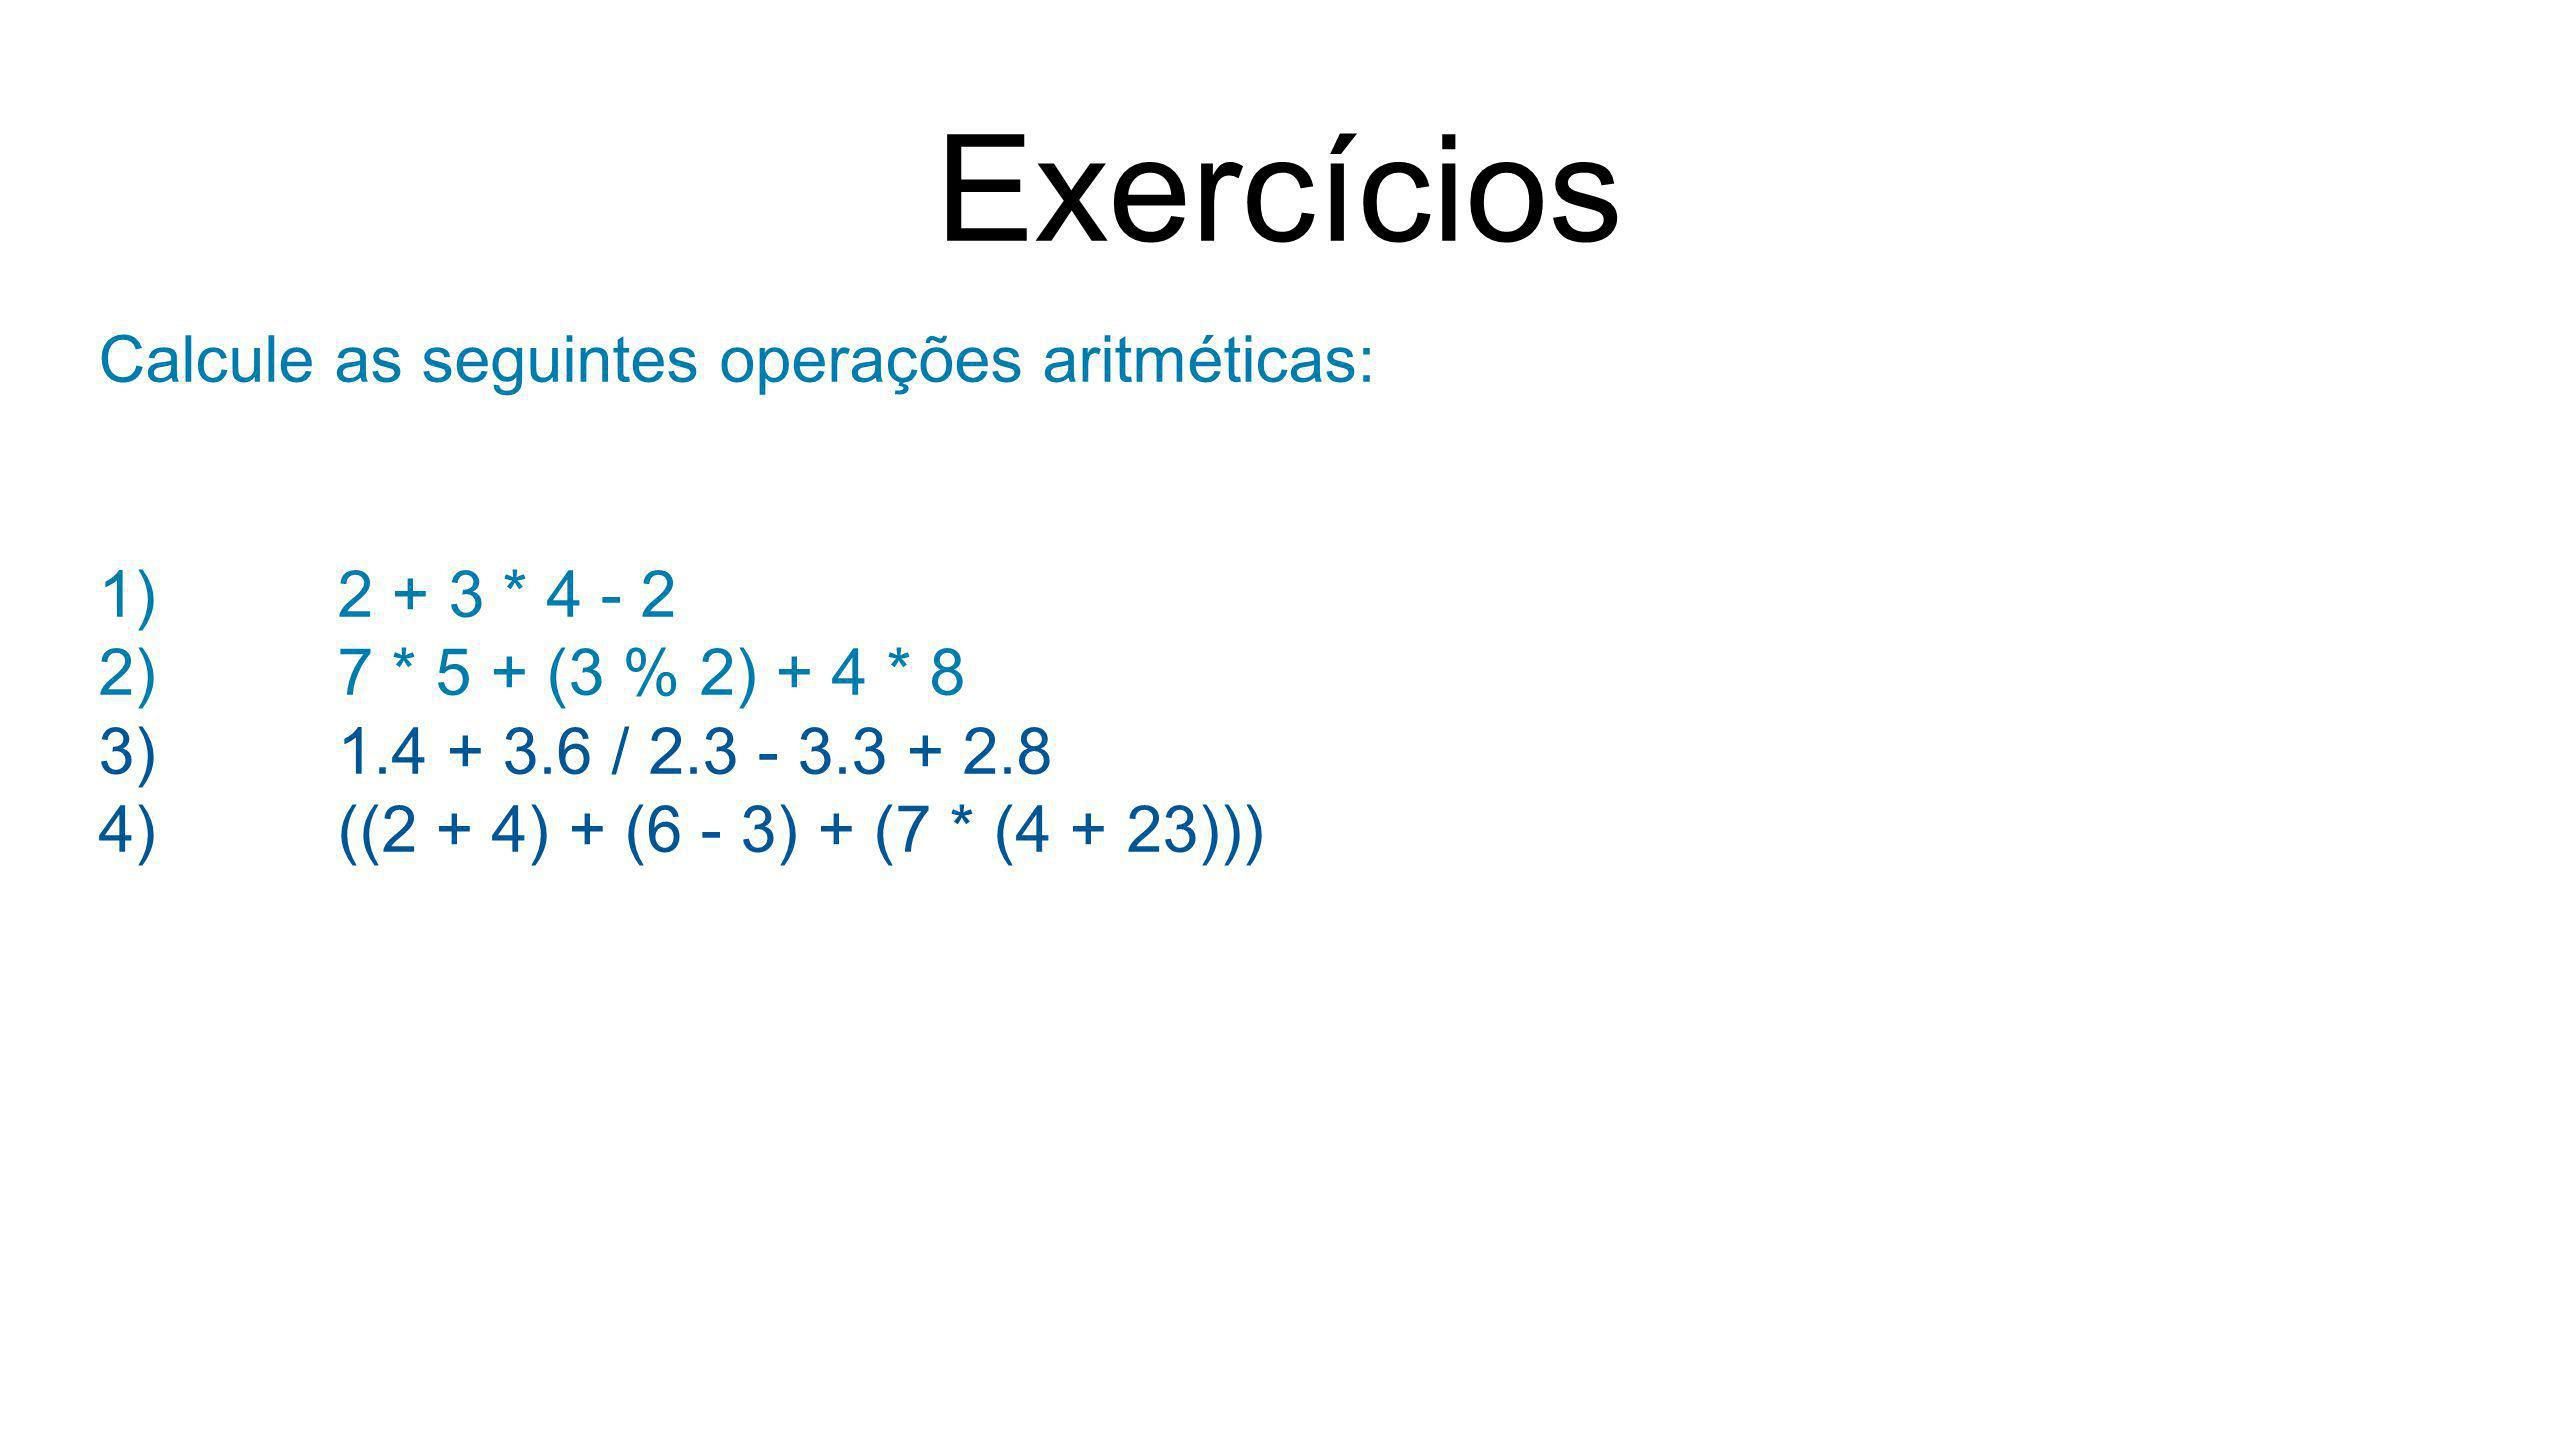 Exercícios Calcule as seguintes operações aritméticas: 2 + 3 * 4 - 2